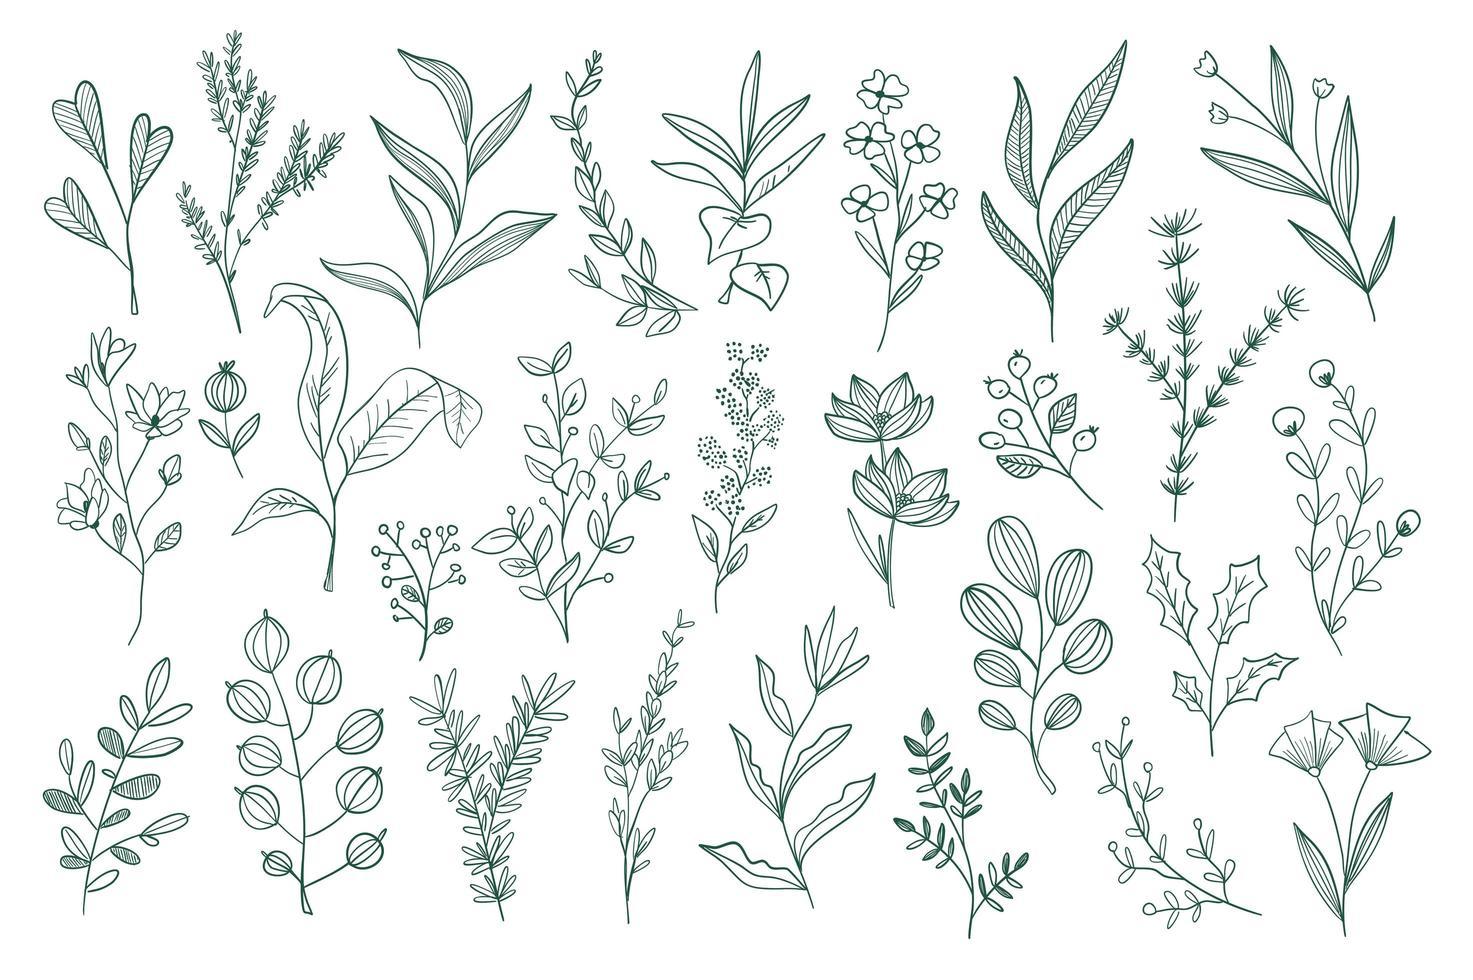 handgezeichnete florale Kritzeleien gesetzt vektor